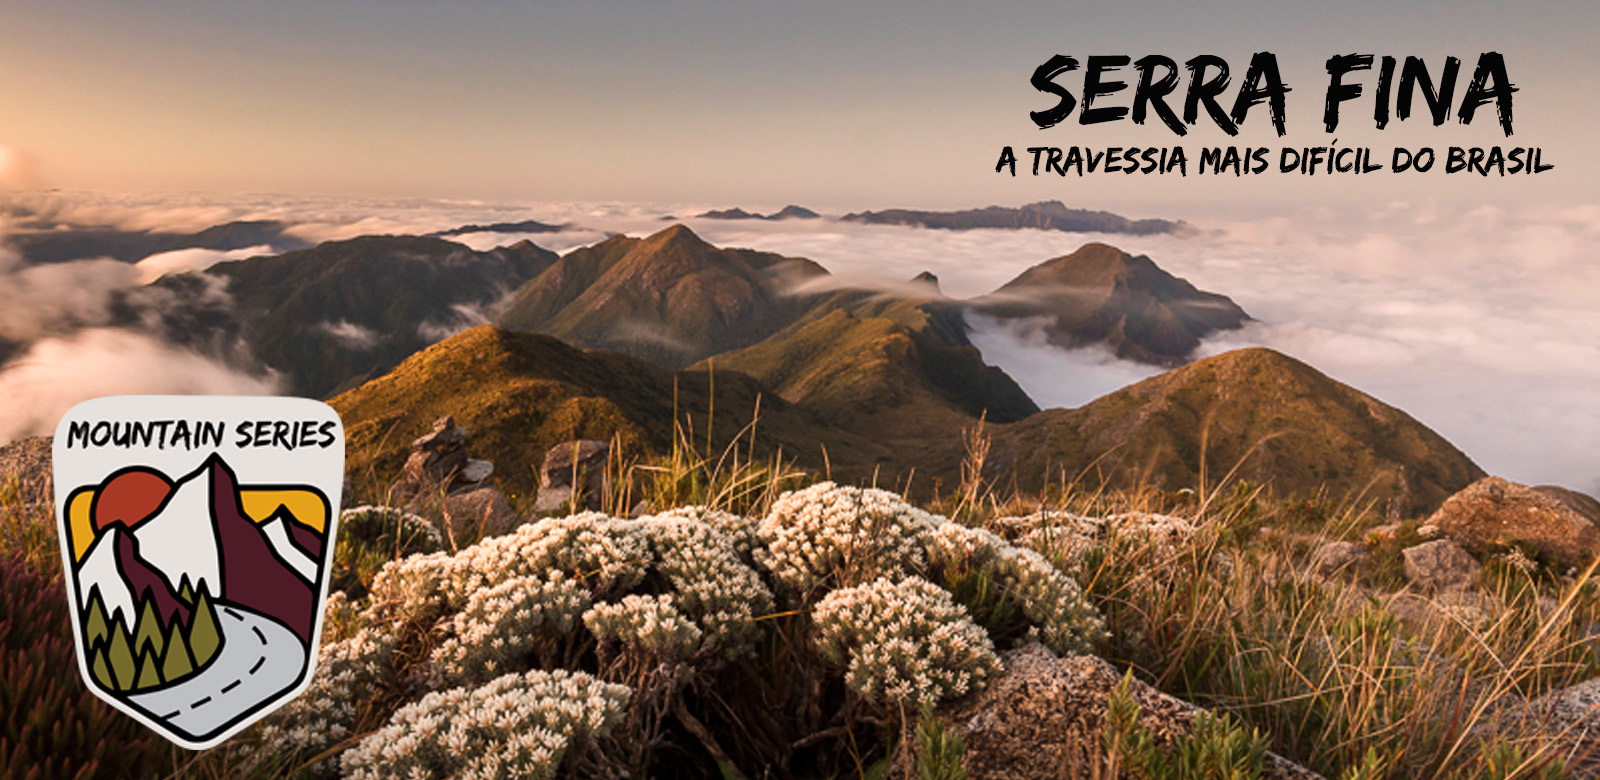 A travessia mais difícil do Brasil